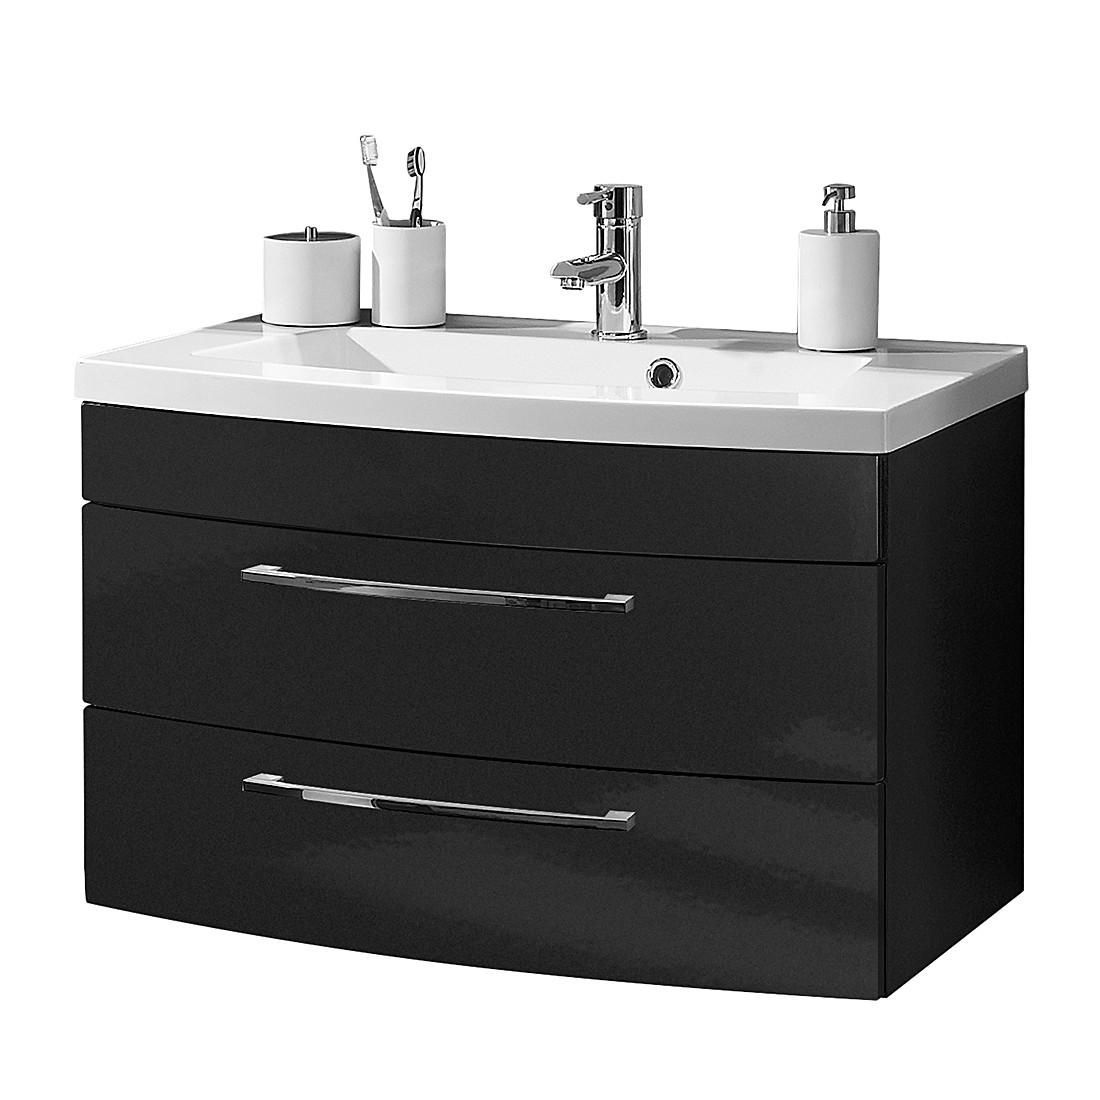 Waschplatz Vibrant